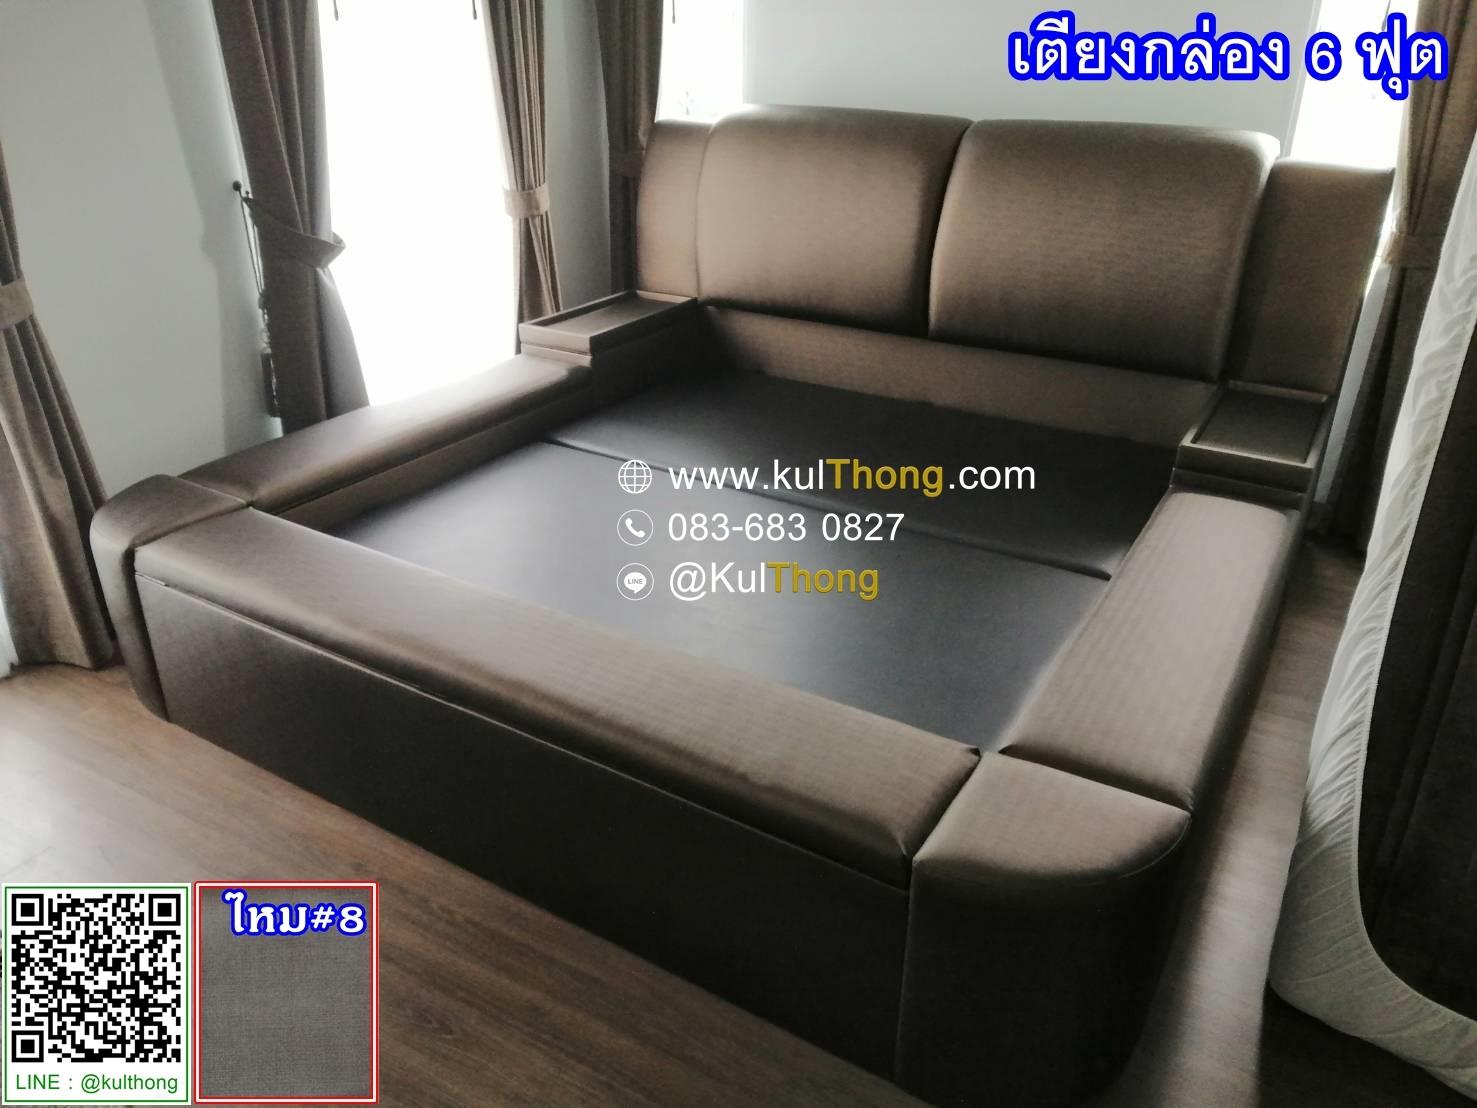 เตียงกล่อง เตียงเก็บของ เตียงมีฝาเปิด เตียงหุ้มหนังมีกล่อง